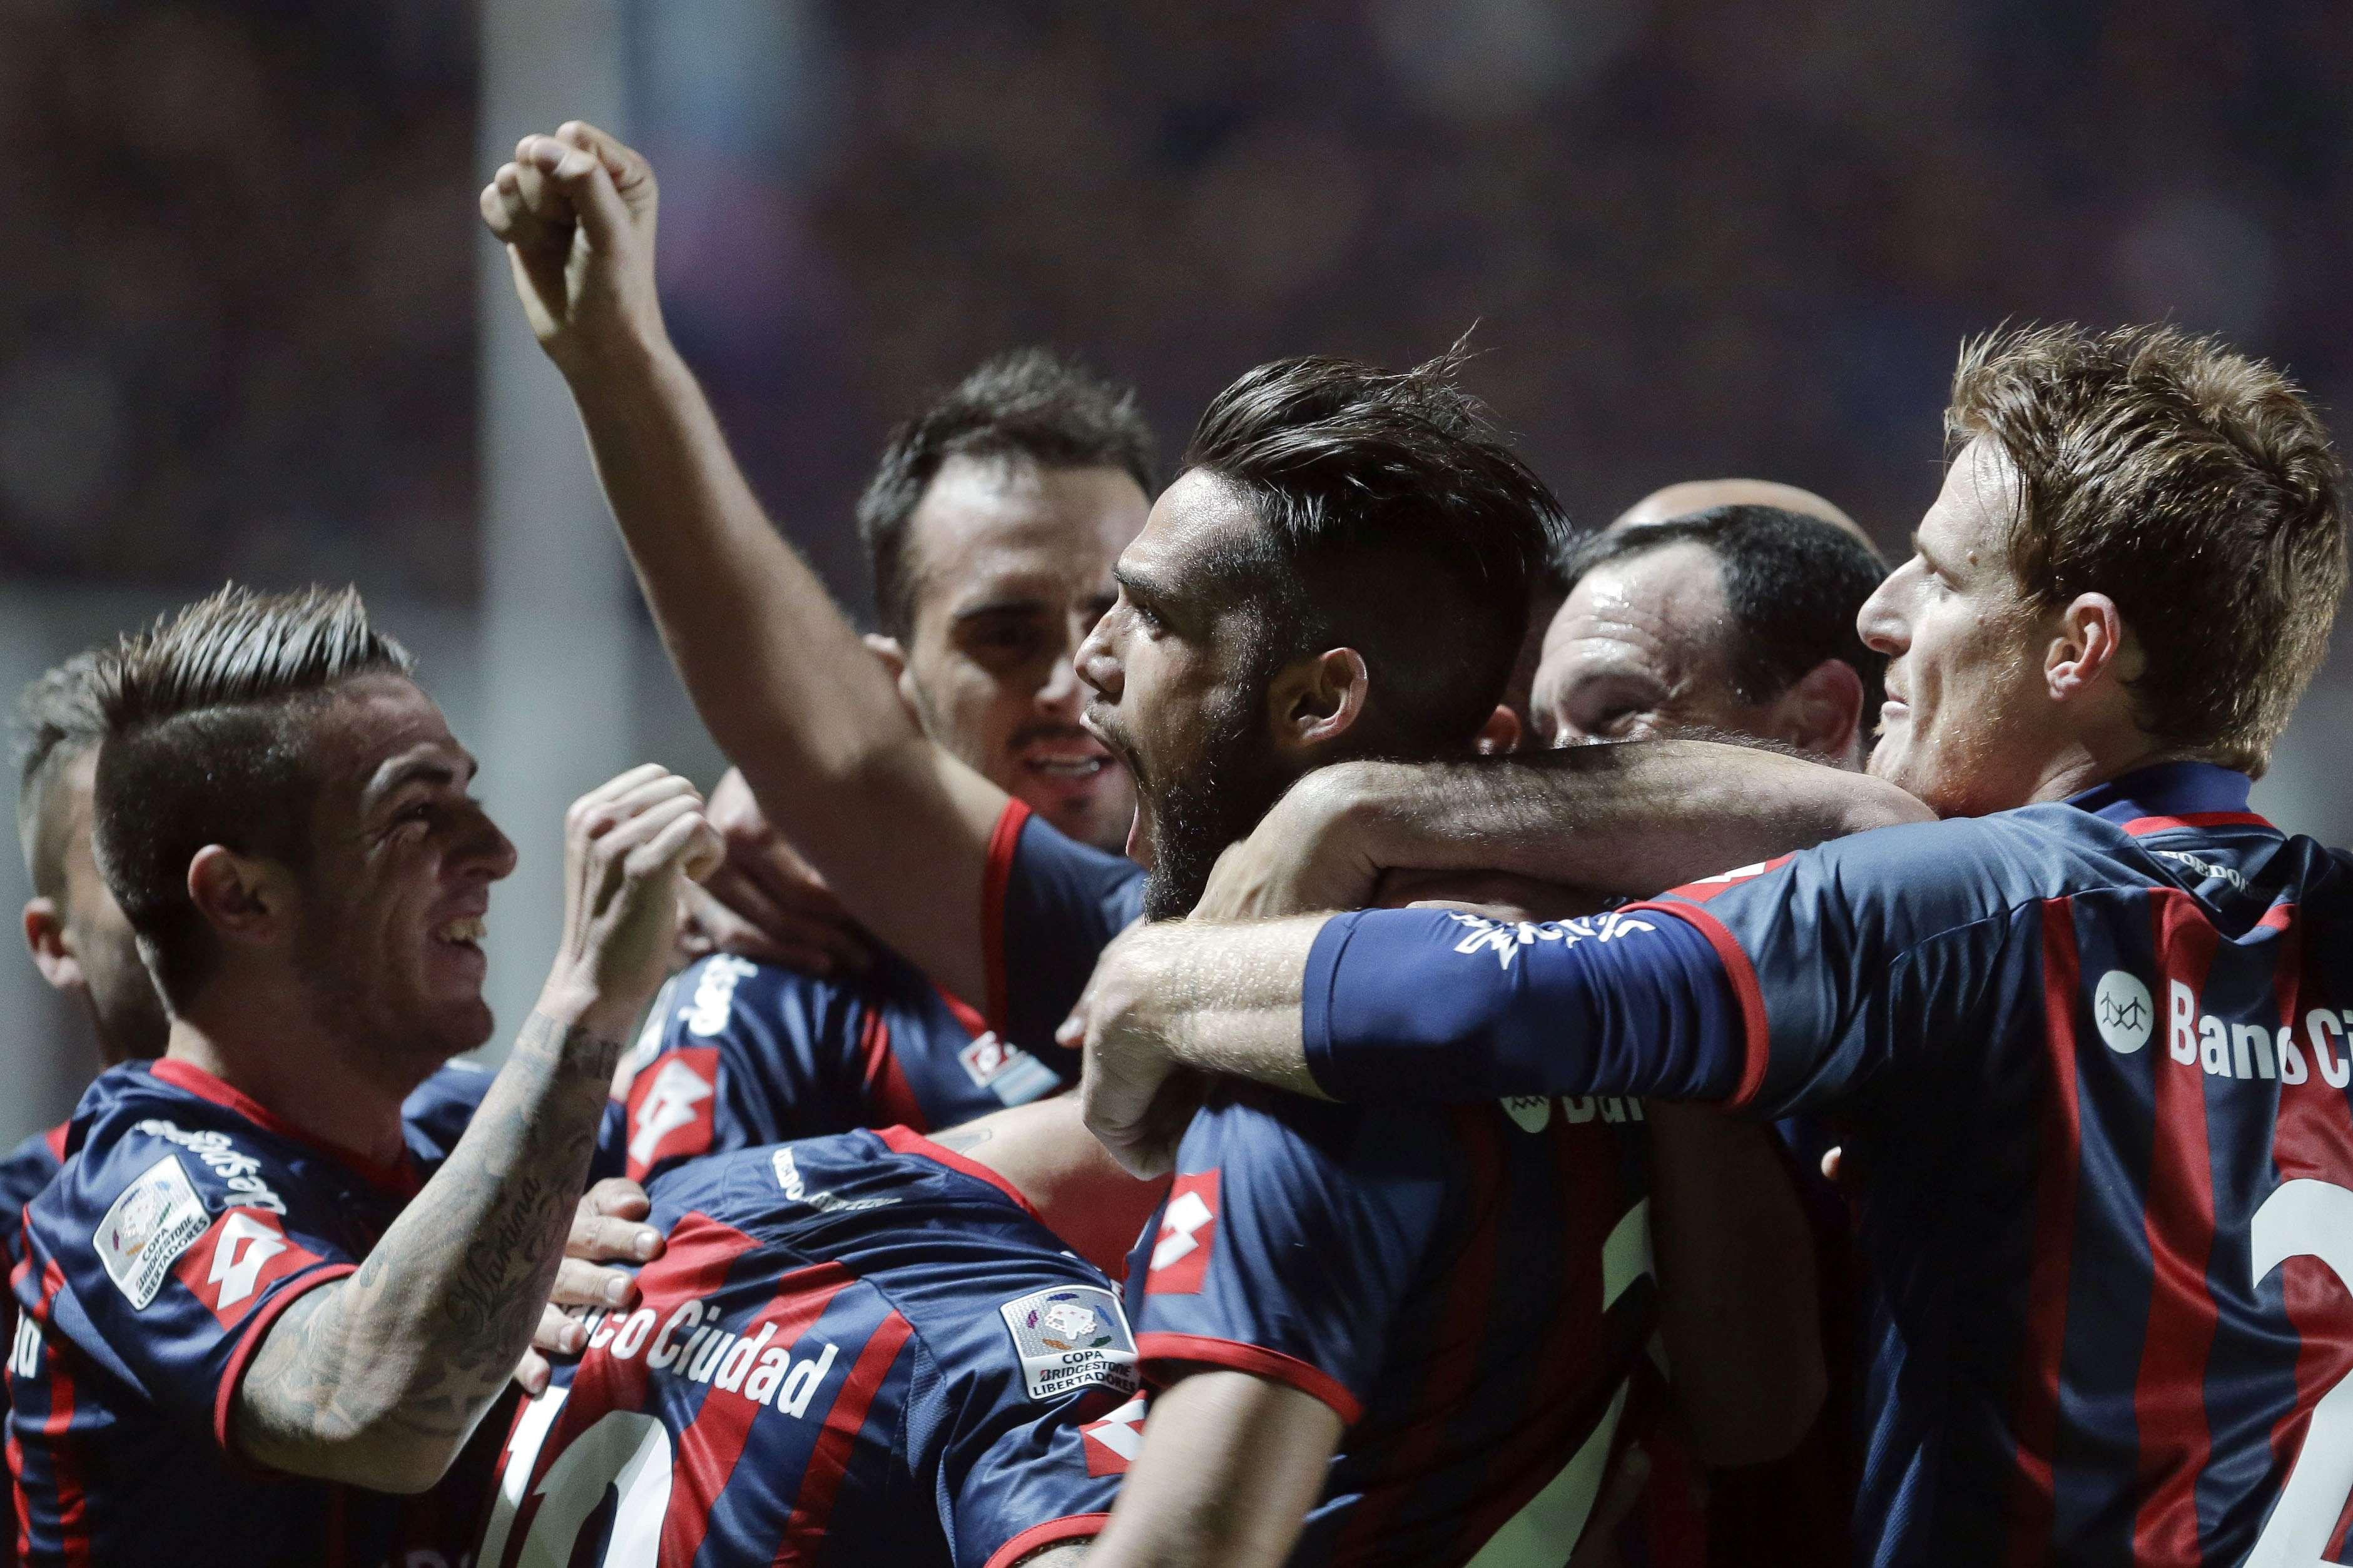 Más fez dois gols de cabeça na goleada por 5 a 0 sobre o Bolívar, disputada nesta quarta-feira no El Nuevo Gasómetro, em Buenos Aires Foto: Victor Caivano/AP